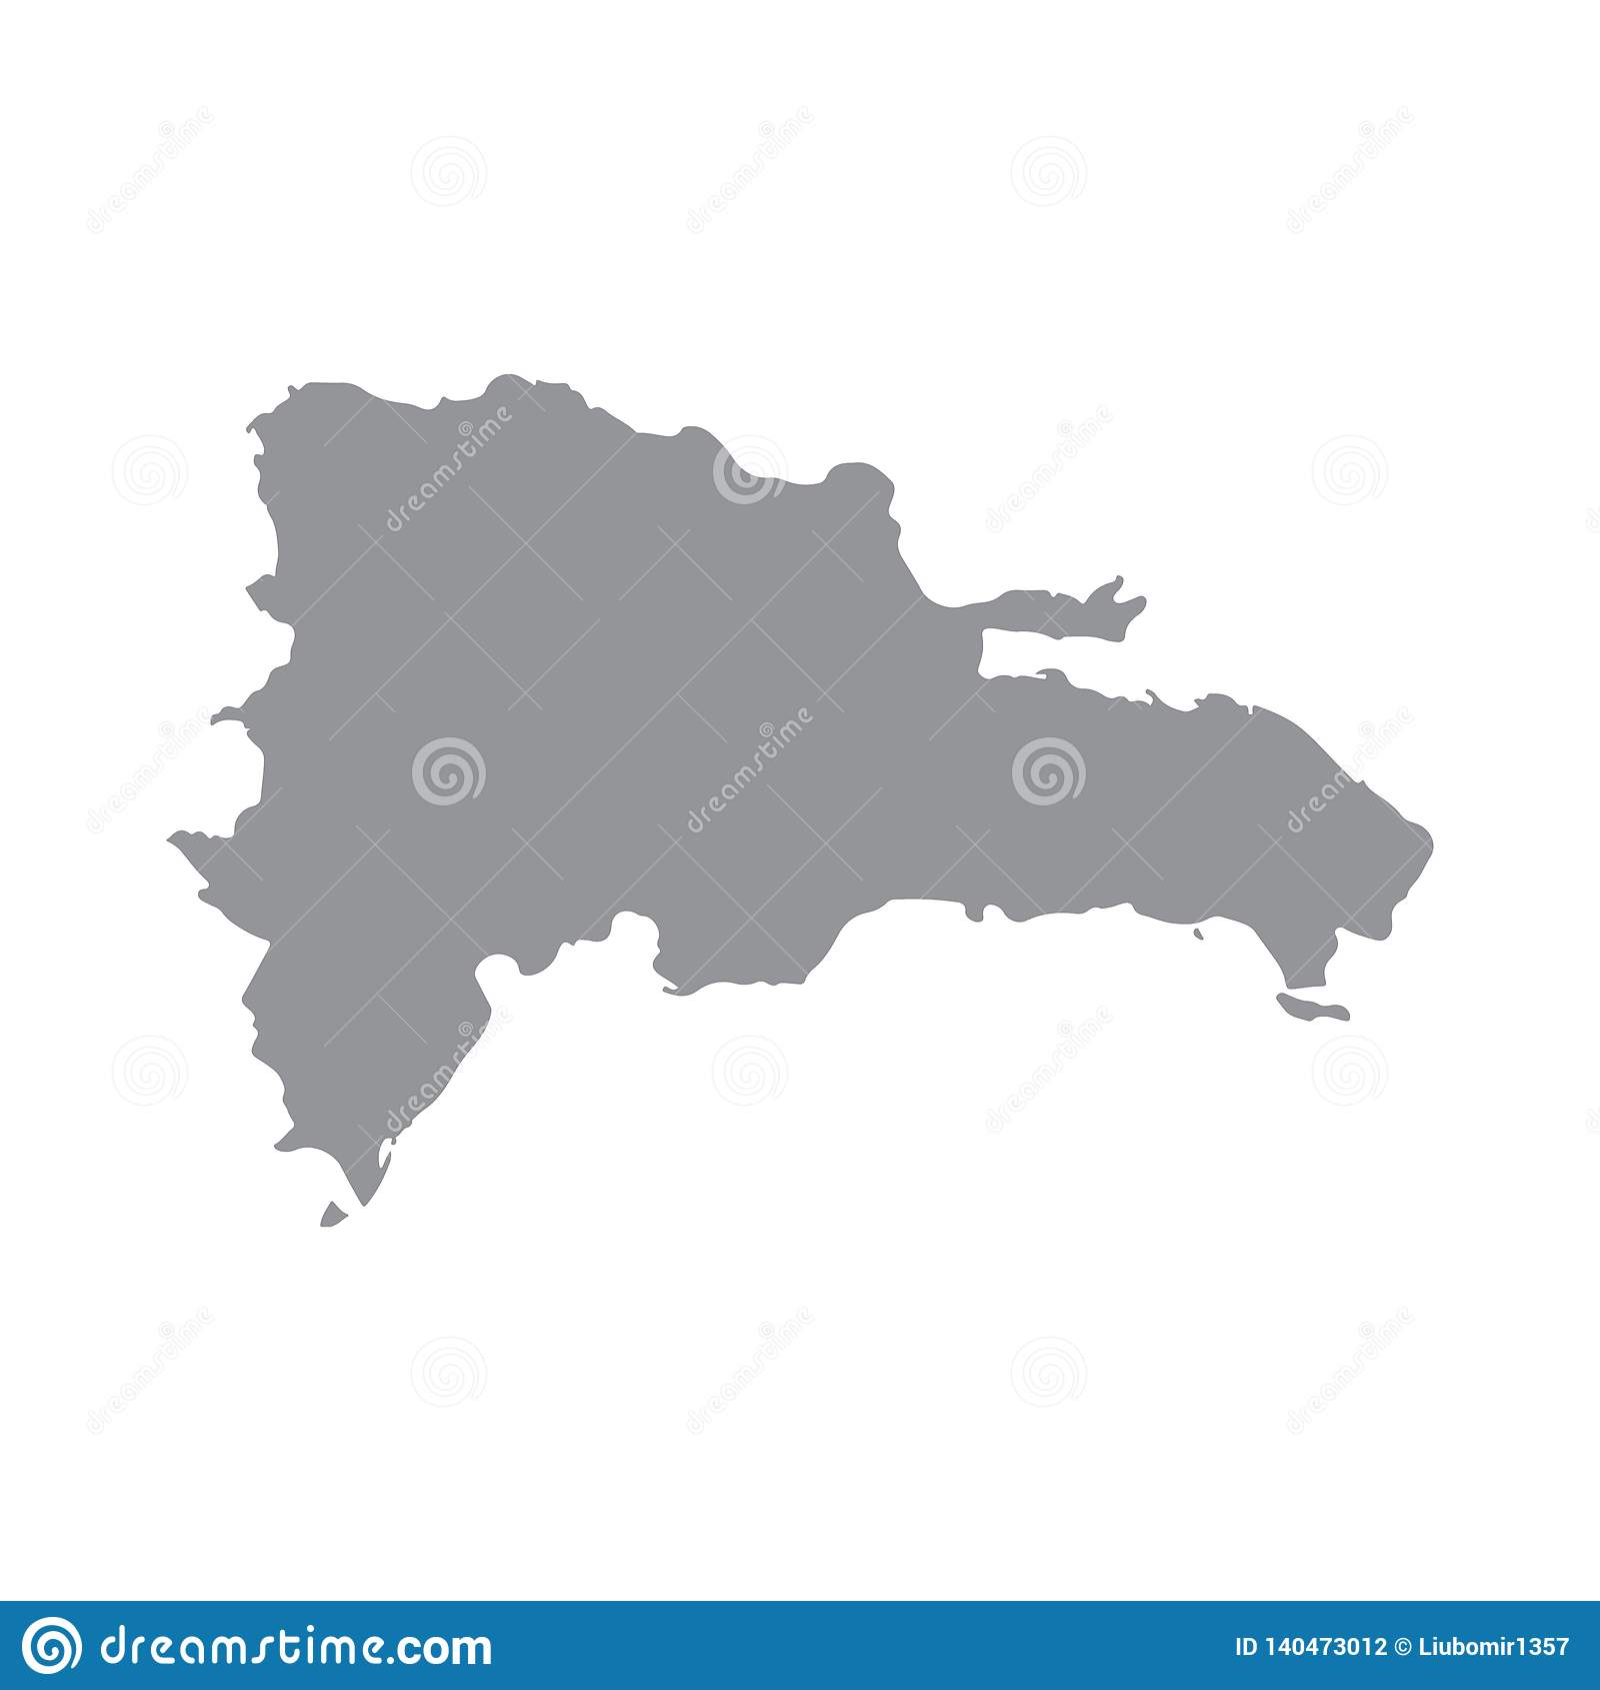 De kaart van de Dominicaanse Republiek in grijs op een witte achtergrond